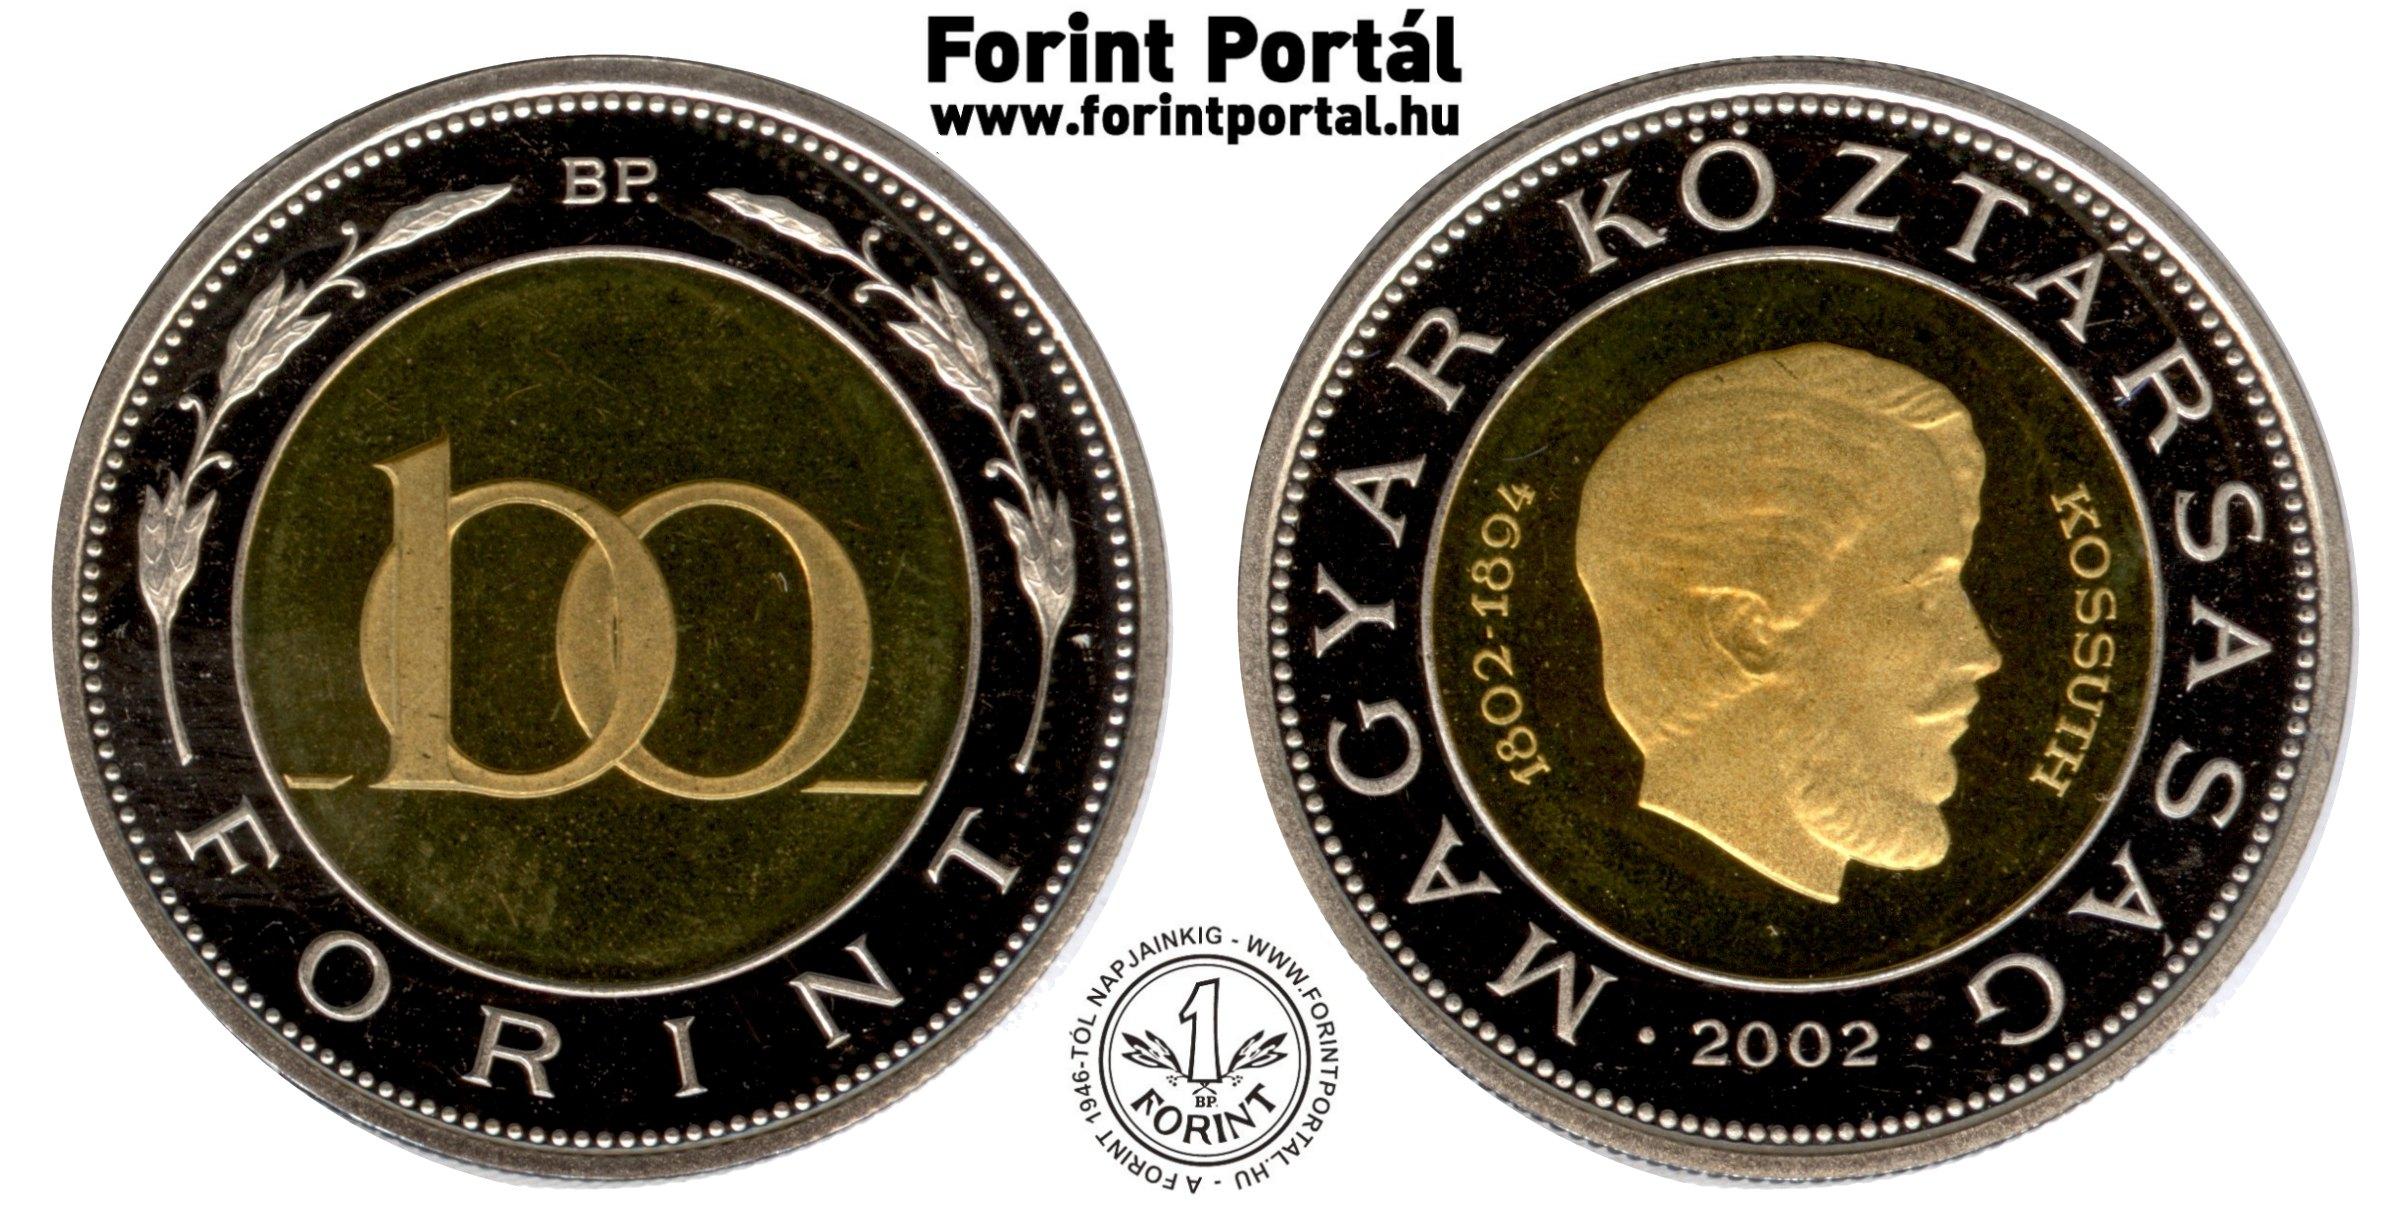 http://www.forintportal.hu/ritkasagkatalogus/100_forint/www_forintportal_hu_2002_100forint_kossuth_emlekerme_pp.jpg